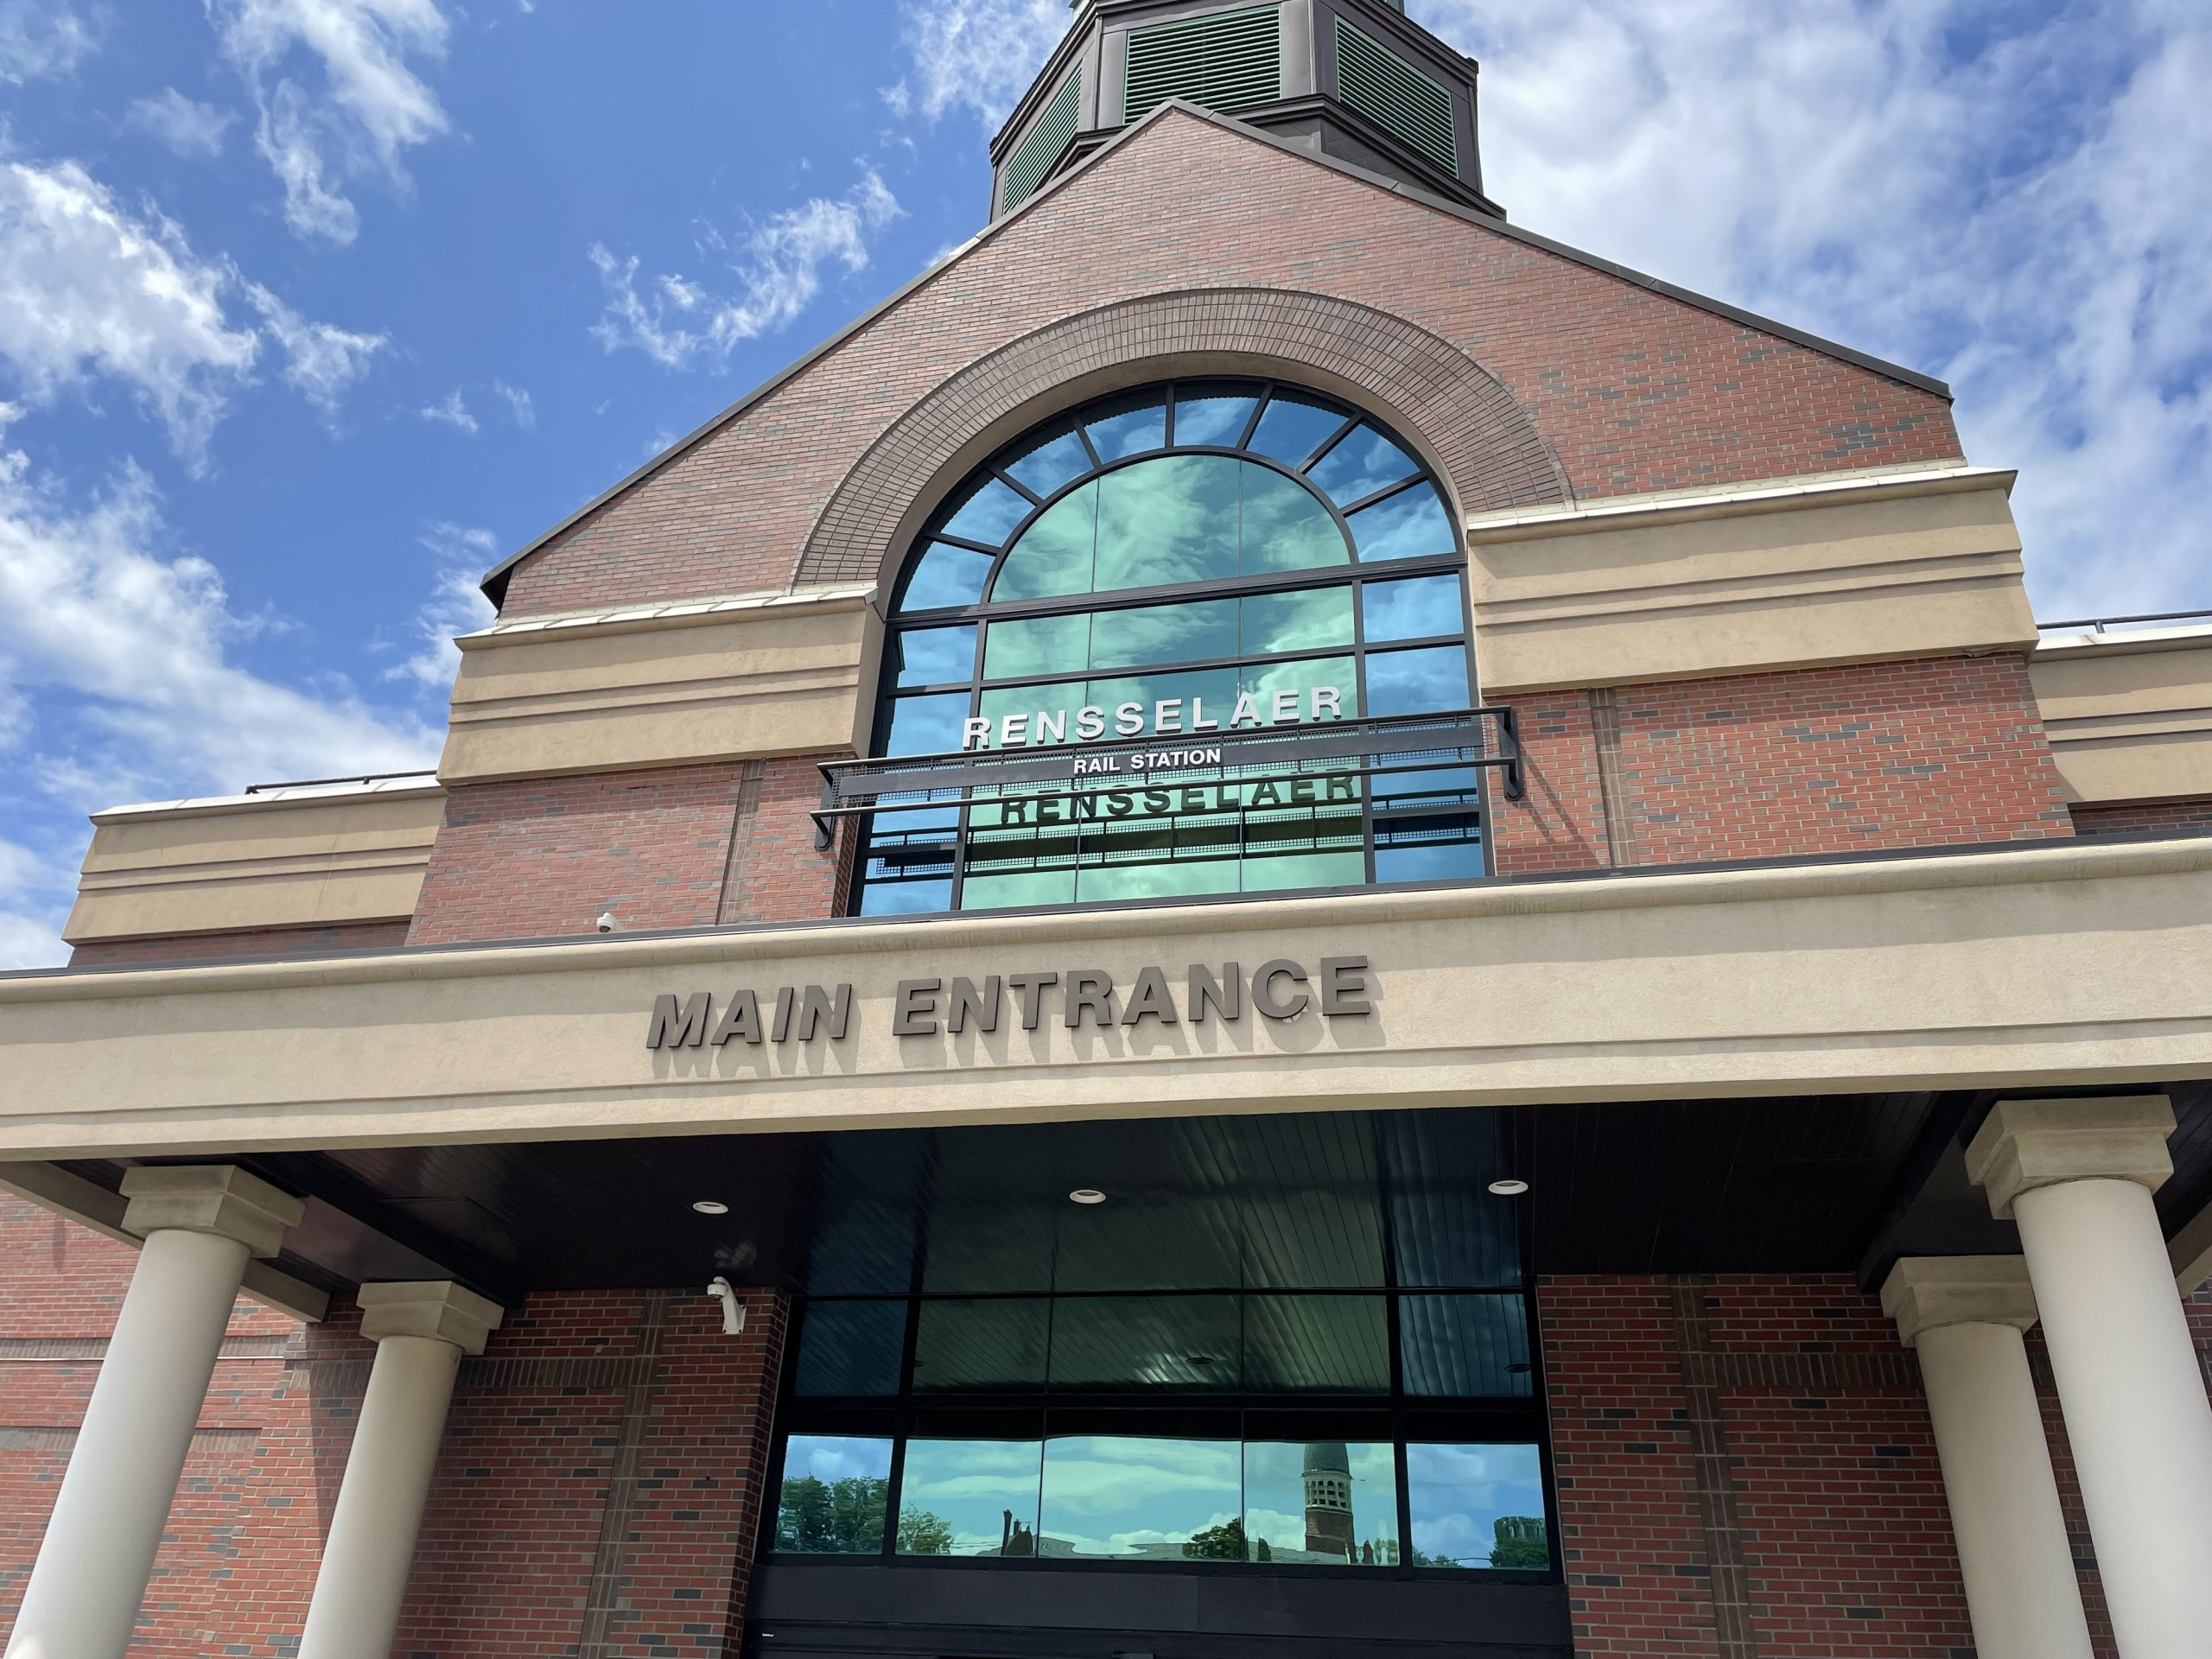 Albany Rensselaer Station Entrance